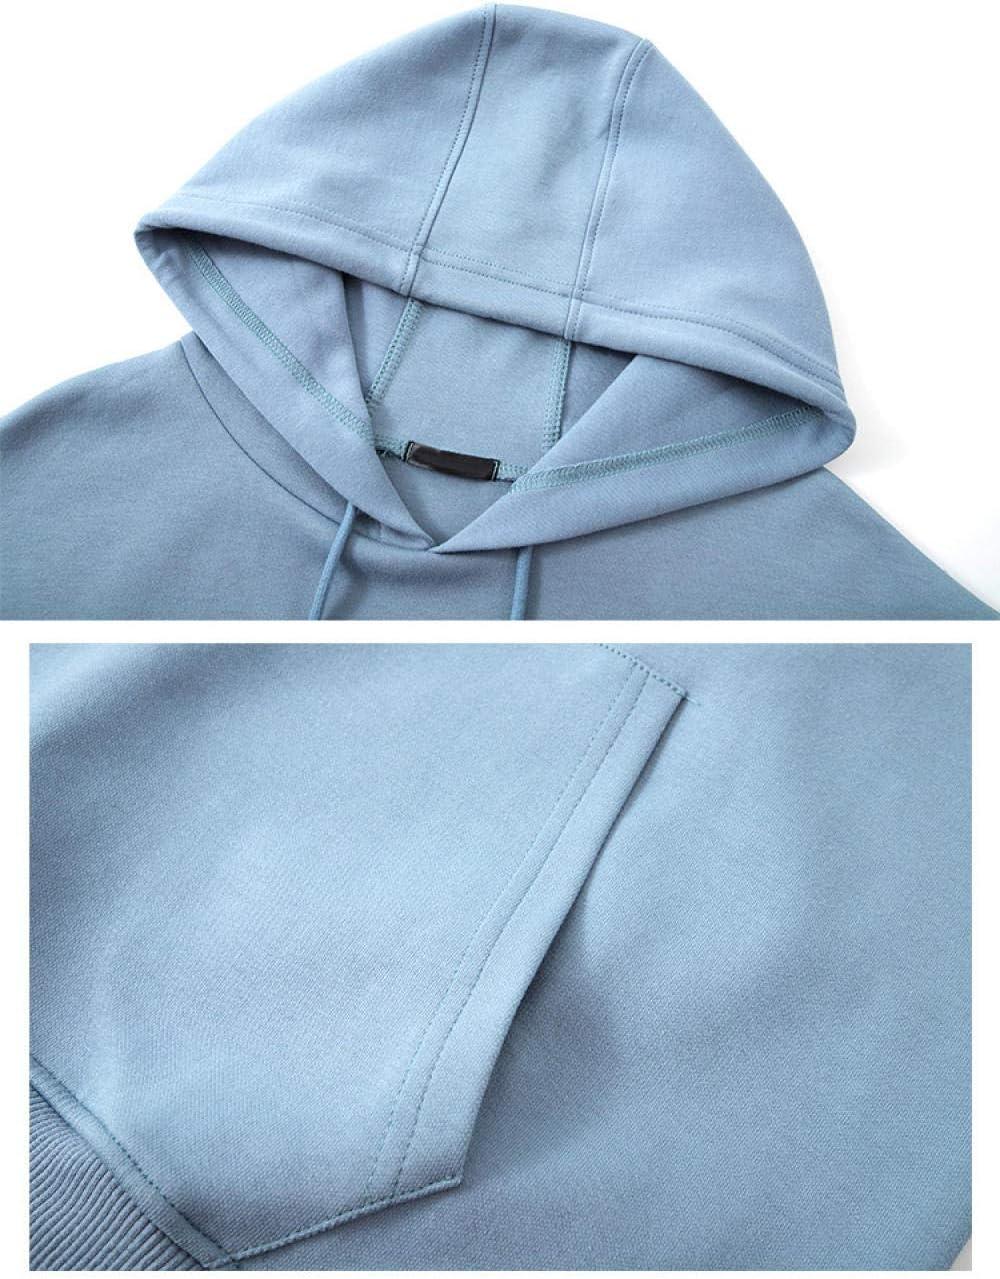 Femme Sweatshirts Manches Longues Sportswear Jumper Pull-Over Shirt,Automne et Hiver Femmes à Capuche mi-Longueur Plus t-Shirt en Polaire Ample décontracté surdimensionné bleu